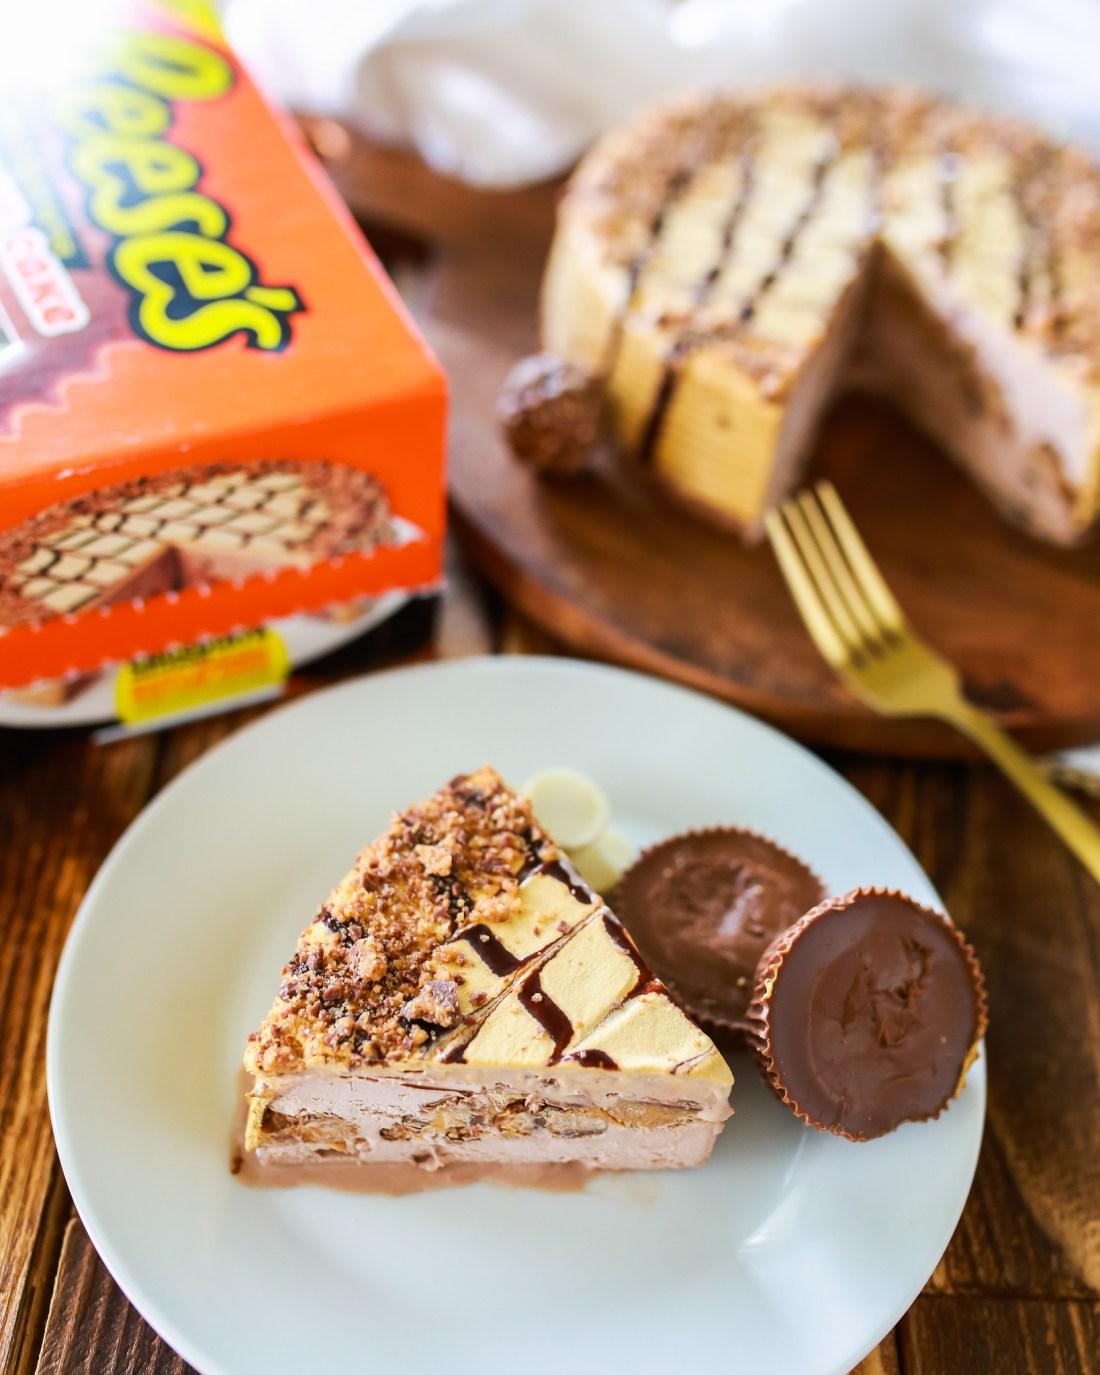 5 minute ice cream freak cake tutorial!